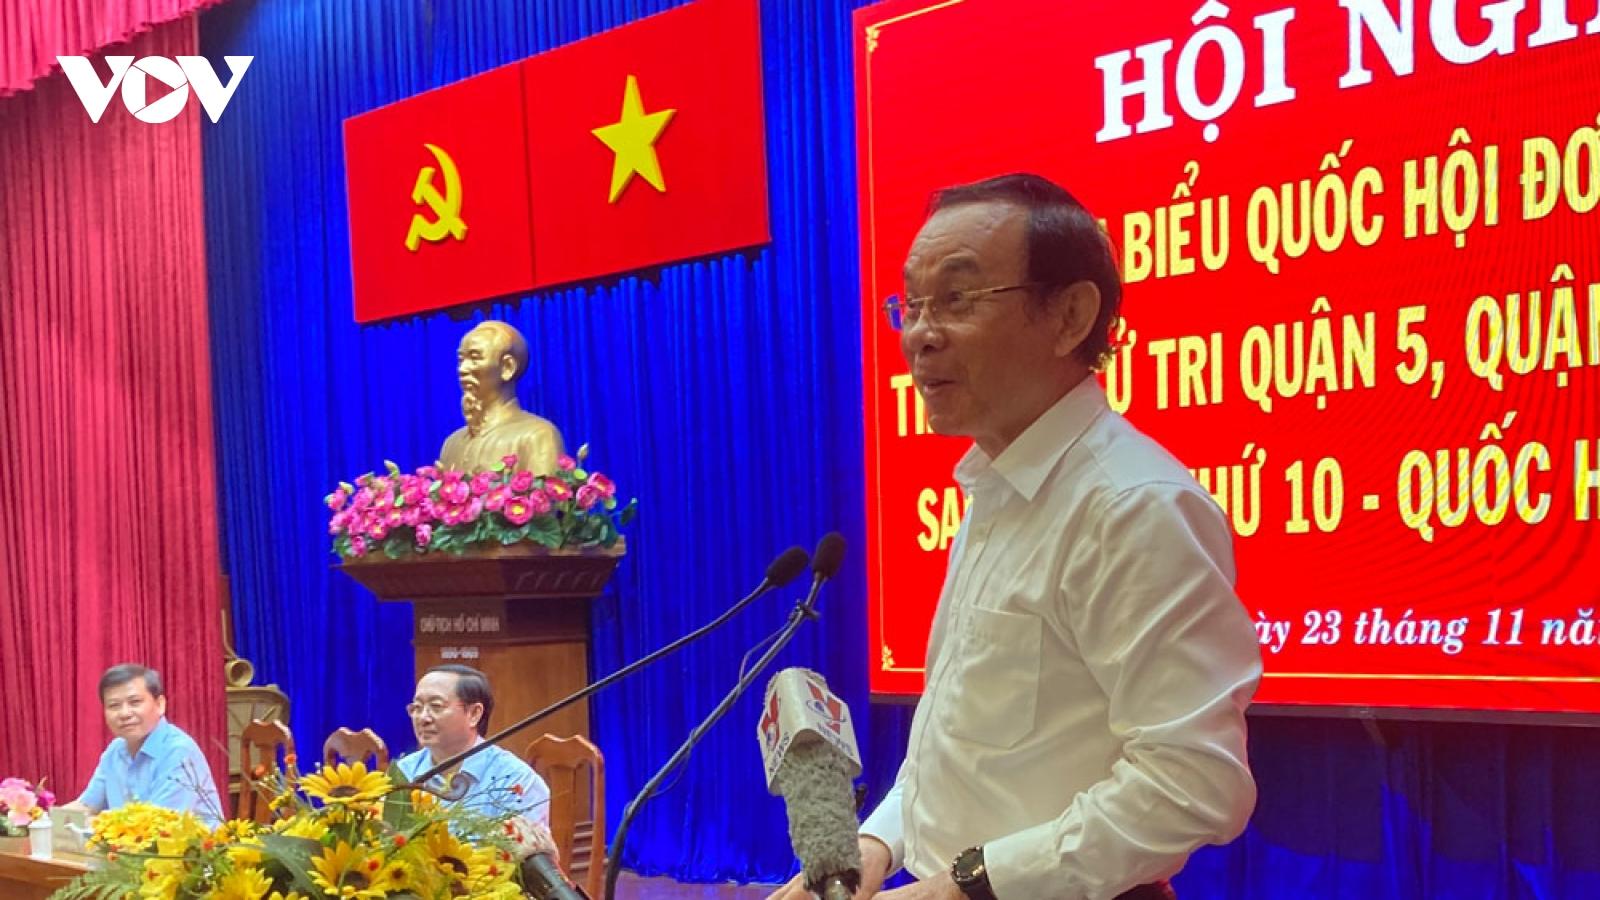 Cử tri TPHCM kiến nghị lãnh đạo Đảng có lịch tiếp dân